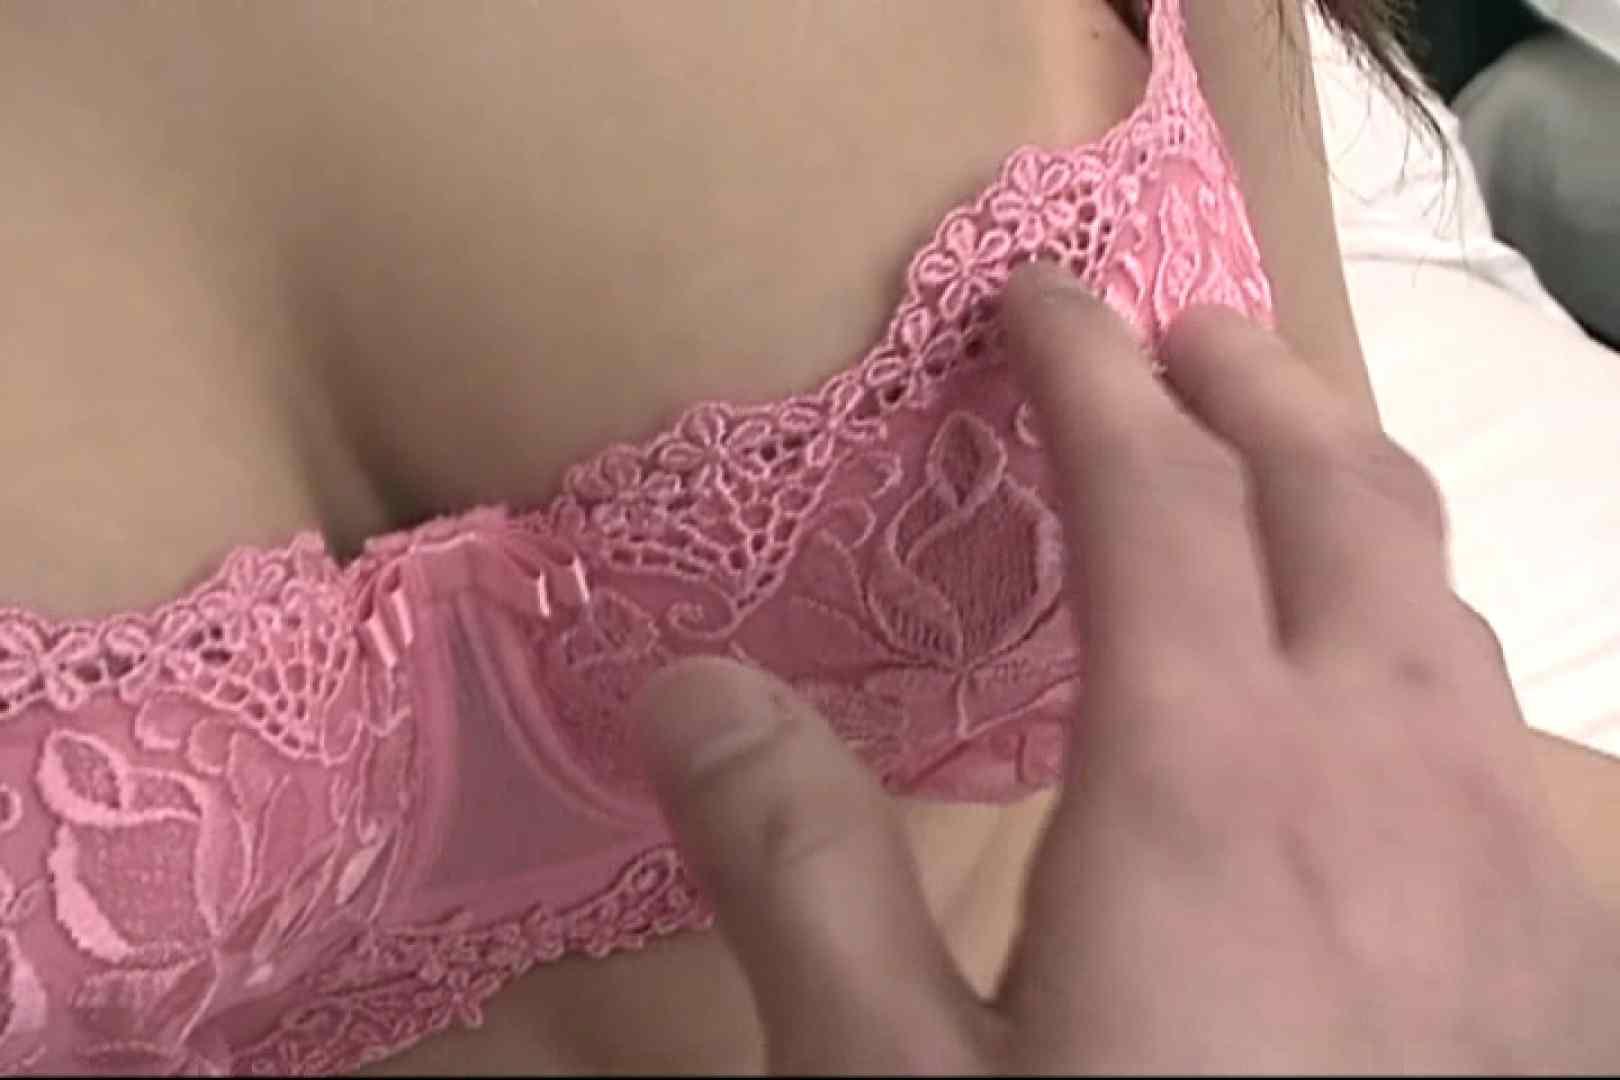 昼間の奥様は欲求不満  ~桜庭小雪~ 巨乳に挟まれたい   可愛い乳首  109pic 7